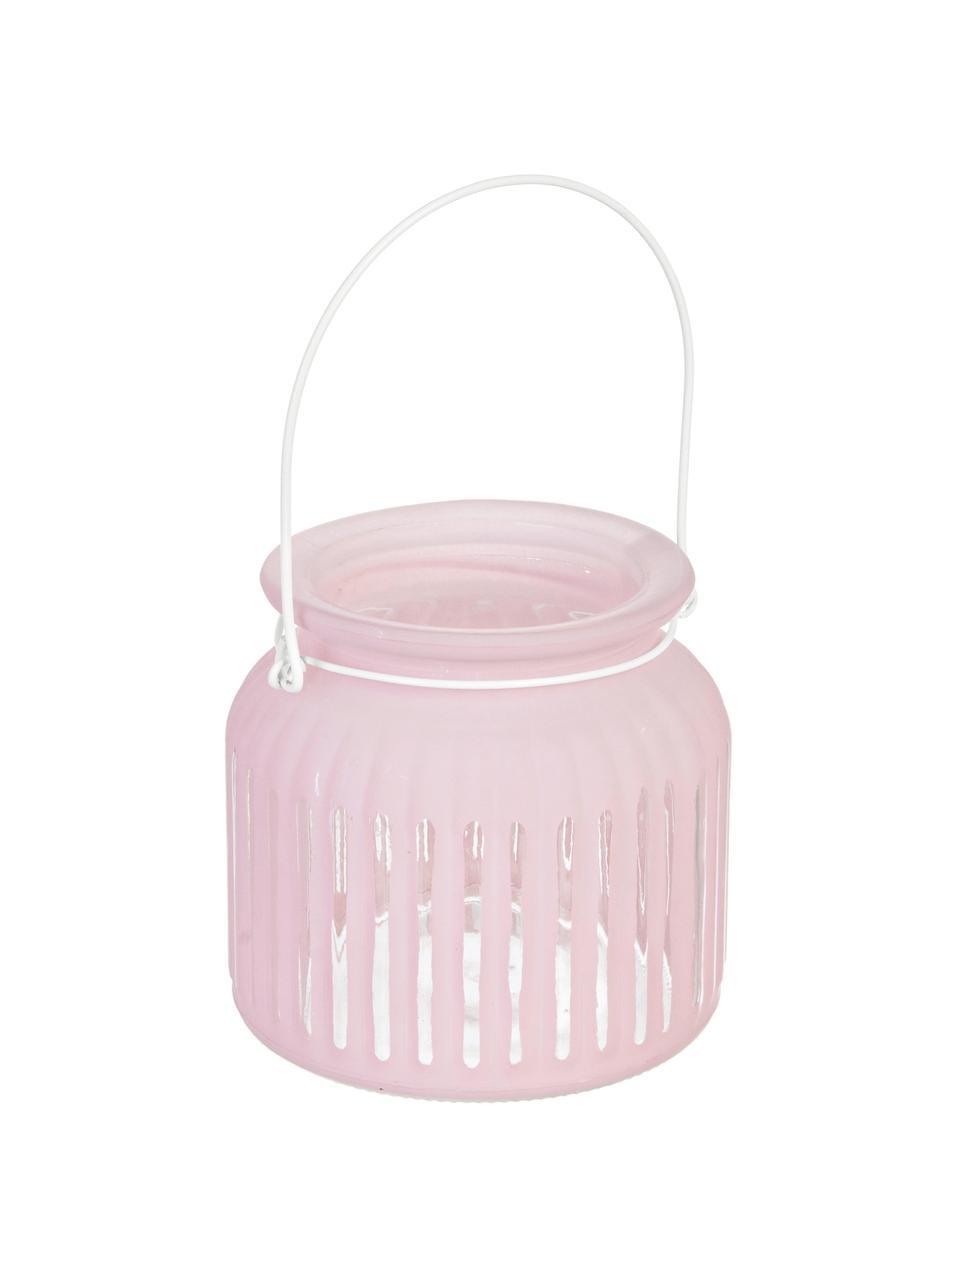 Windlicht Claire, Windlicht: glas, Roze, Ø 11 x H 11 cm